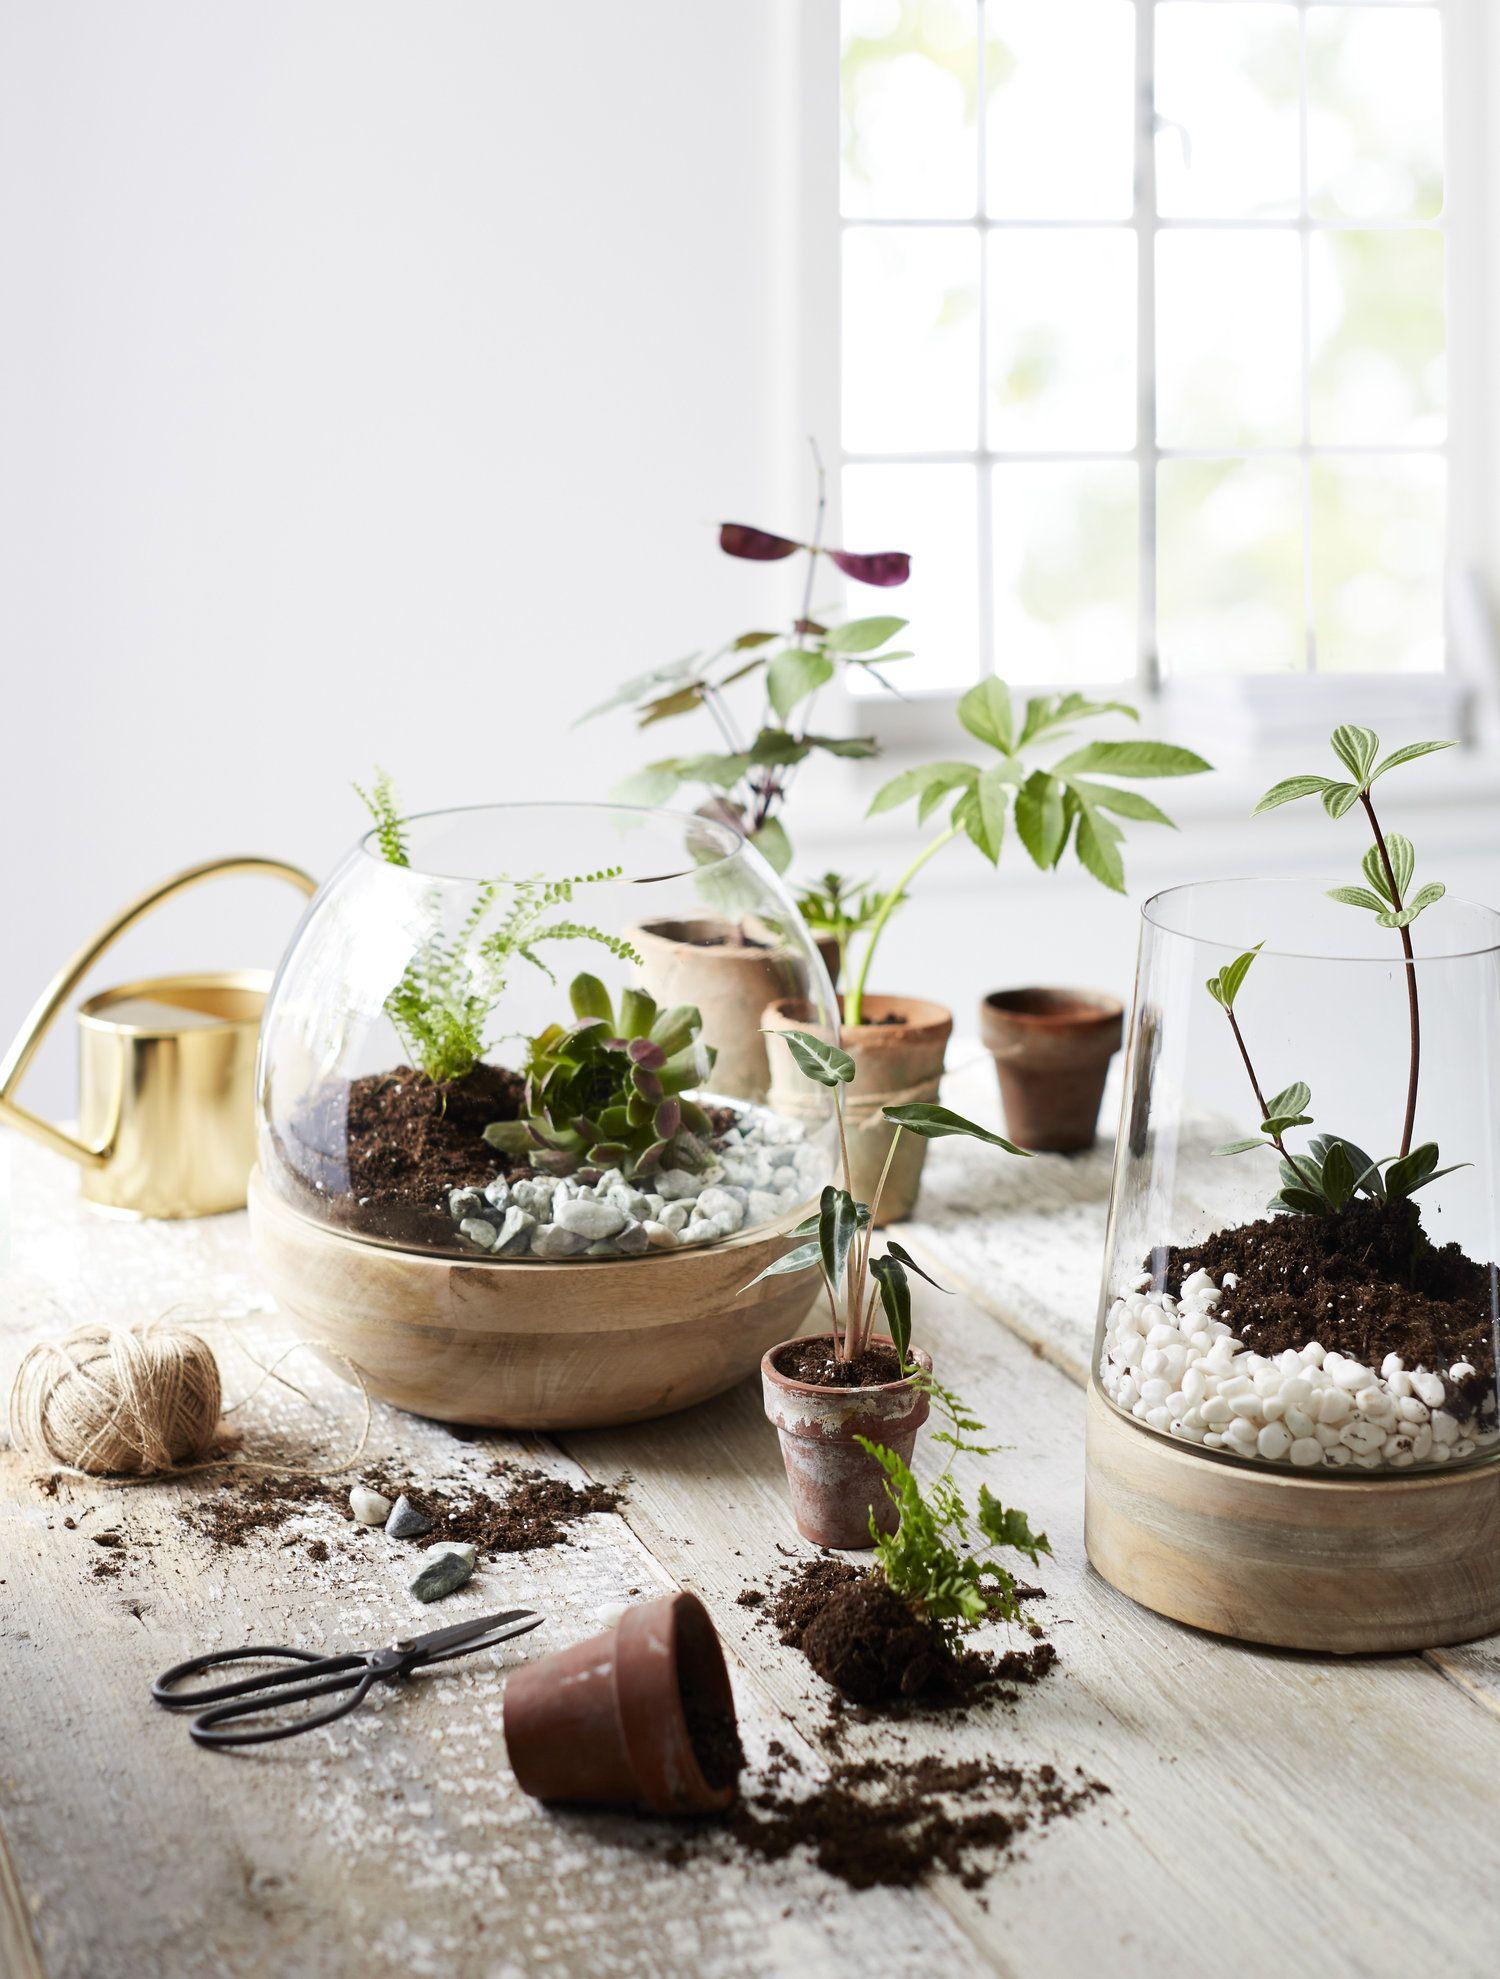 Terrarium Fermé Plante Grasse c-000271-01-048_terrarirums_shot3_v1cropped | plante